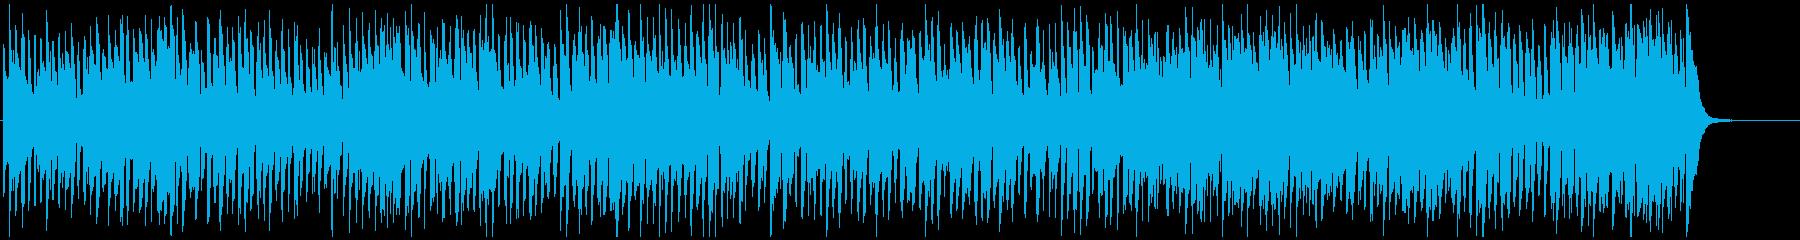 カートゥーンずっこけコメディ系リコーダーの再生済みの波形